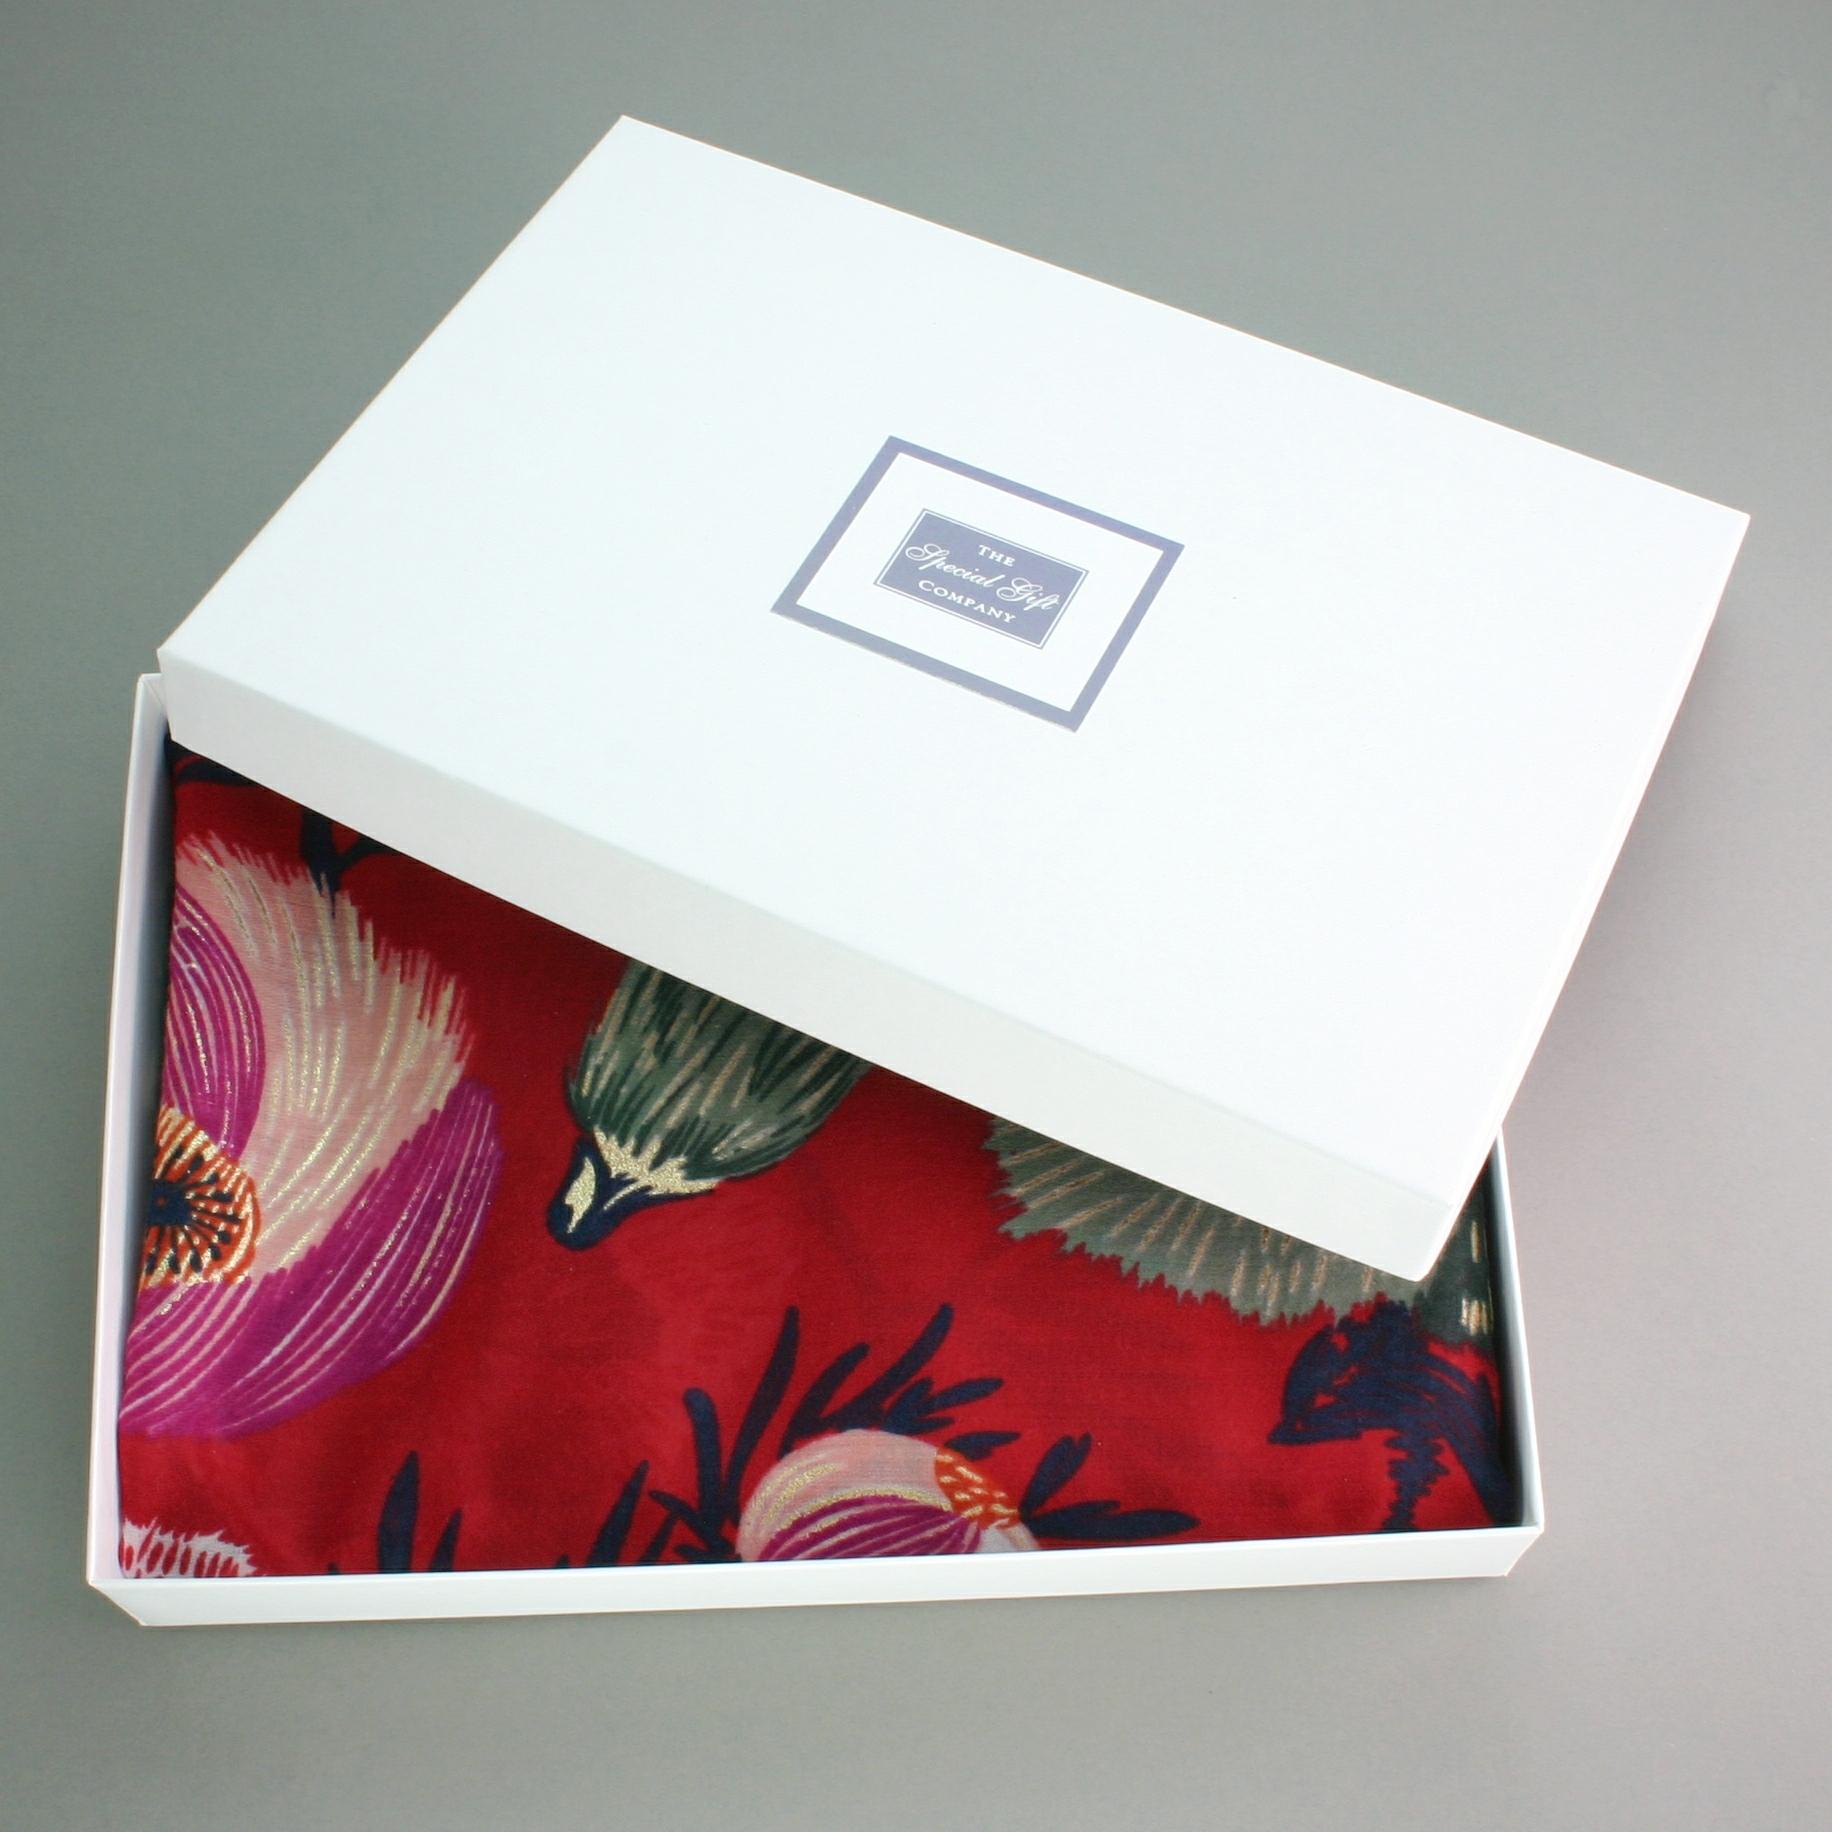 Poppy Scarf Gift Box, Great Gift For Birthdays